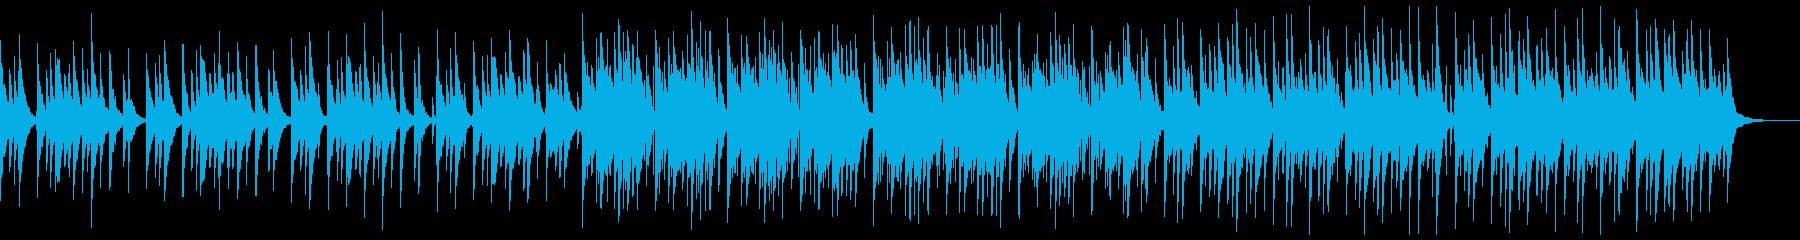 素朴な琴がメインの落ち着いた和風曲の再生済みの波形